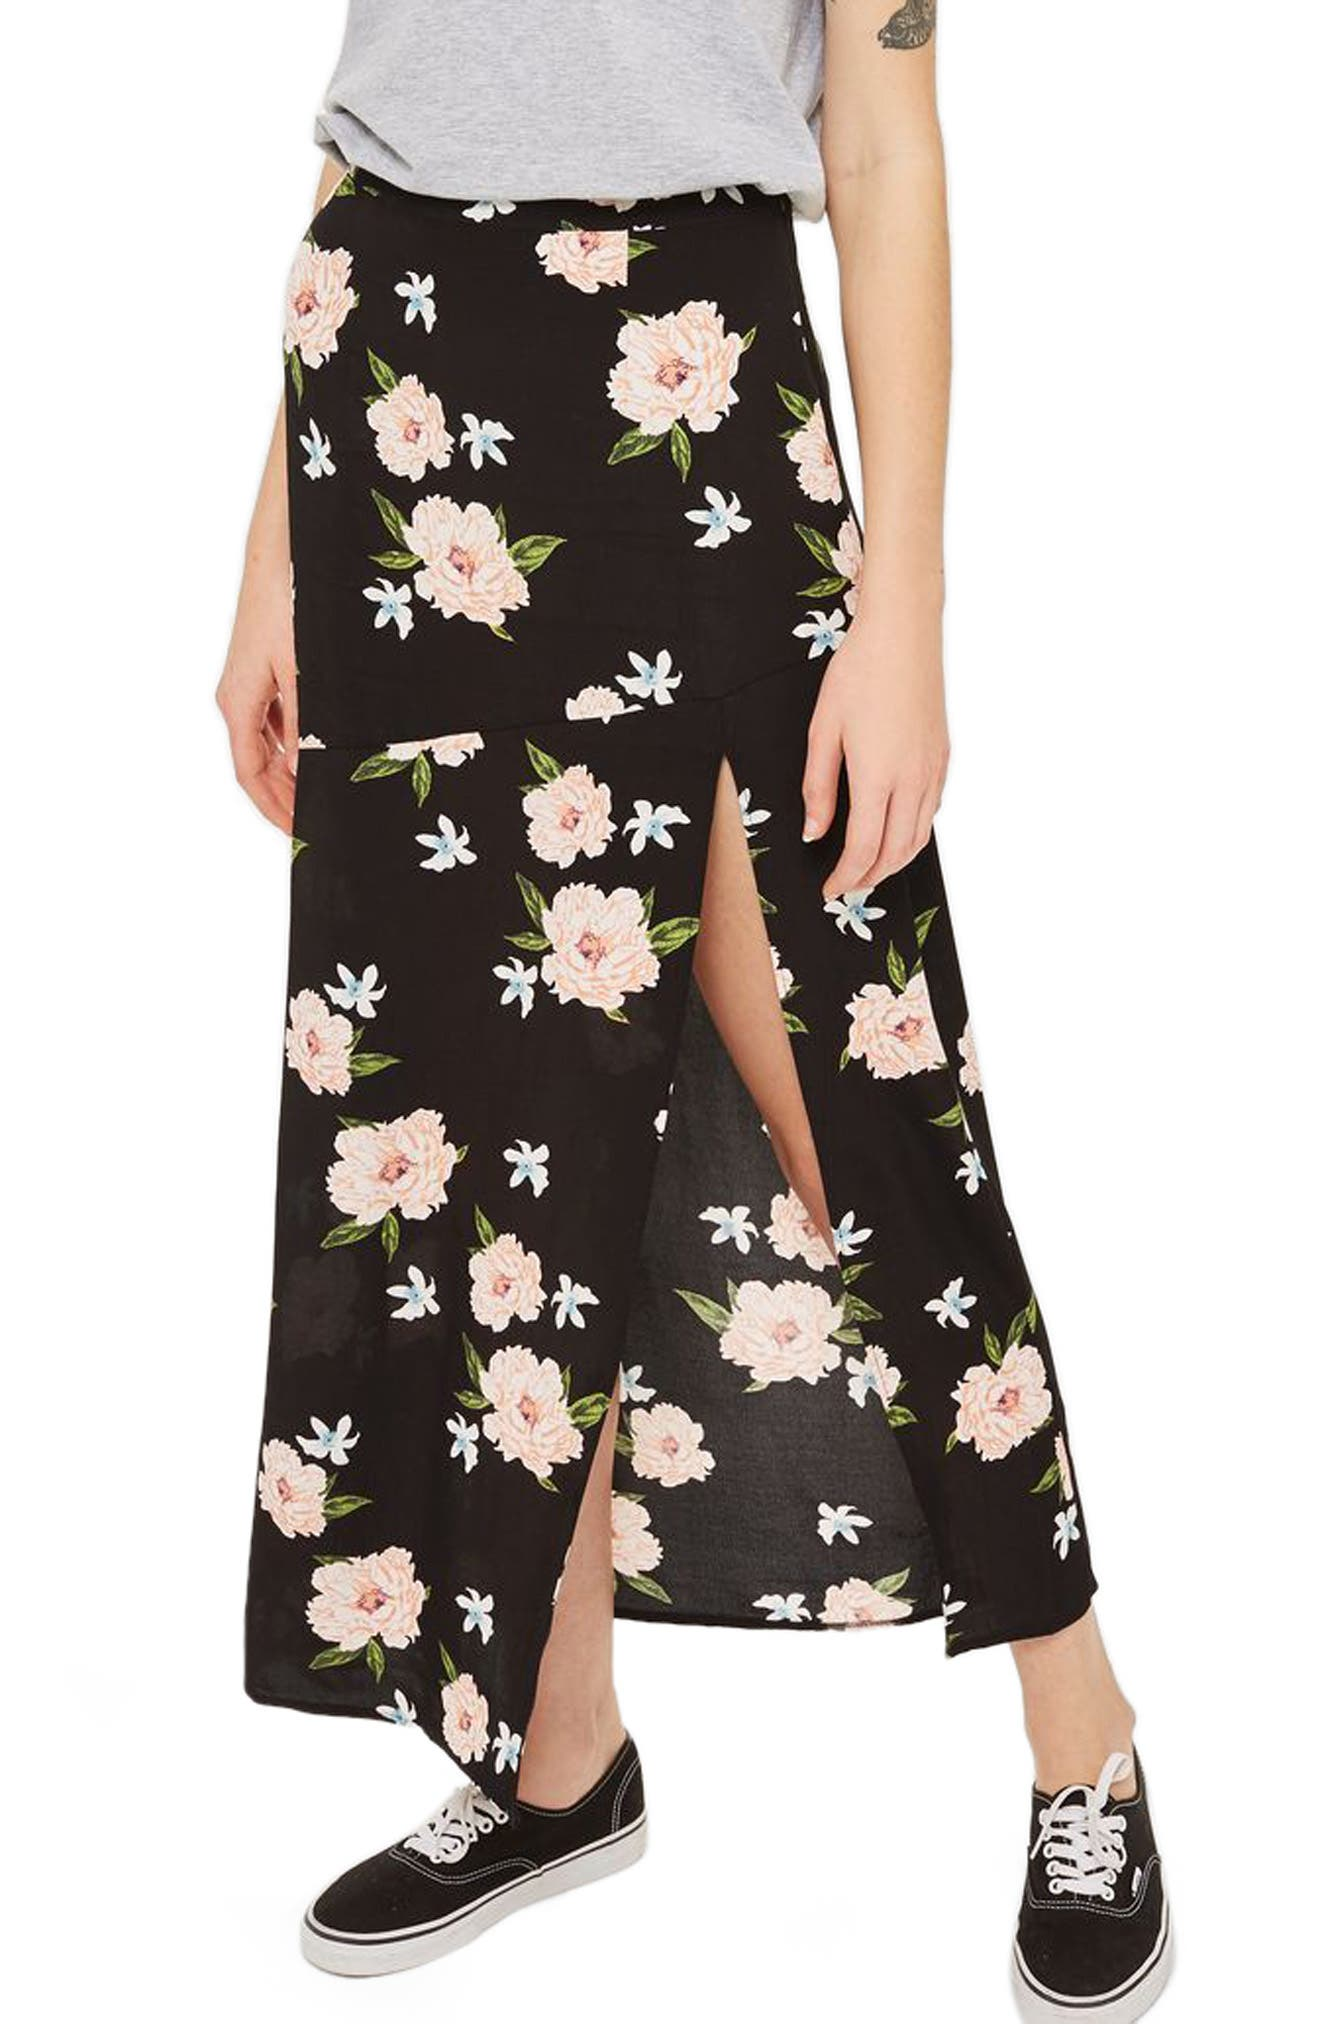 Alternate Image 1 Selected - Topshop Split Floral Maxi Skirt